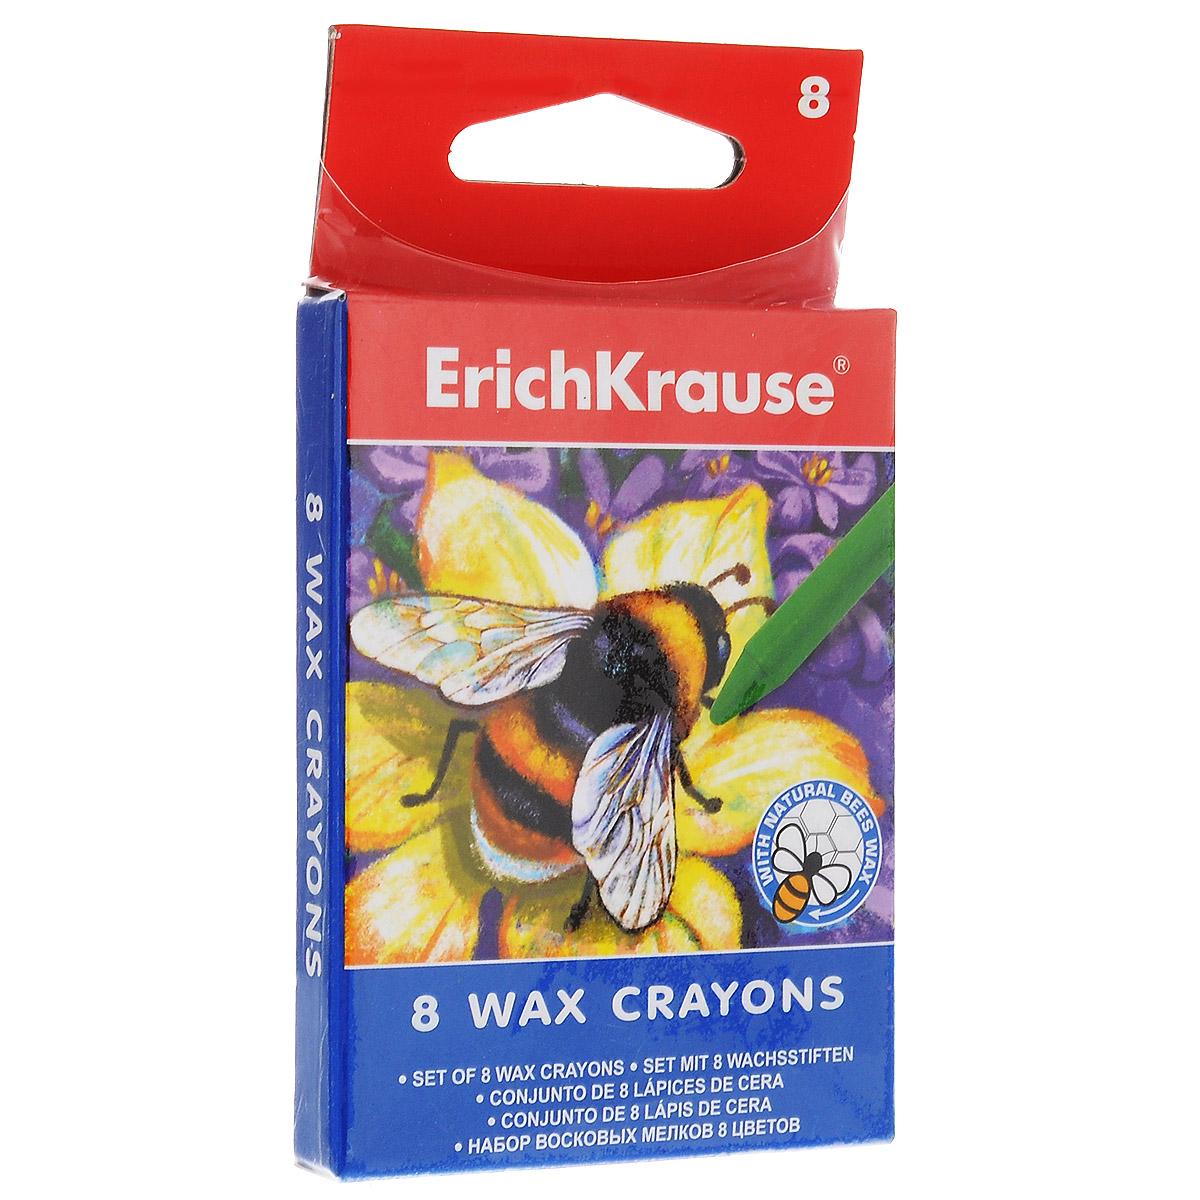 Мелки восковые Erich Krause, 8 цветов261102Восковые мелки Erich Krause Art Berry содержит мелки 8 ярких насыщенных цветов и оттенков. Мелки обеспечивают удивительно мягкое письмо, обладают отличными кроющими свойствами. Не токсичны и абсолютно безопасны. Подходят для рисования на бумаге и картоне. Имеют специально разработанный состав на основе пчелиного воска. Восковые мелки Erich Krause Art Berry откроют юным художникам новые горизонты для творчества, а также помогут отлично развить мелкую моторику рук, цветовое восприятие, фантазию и воображение, способствуют самовыражению.